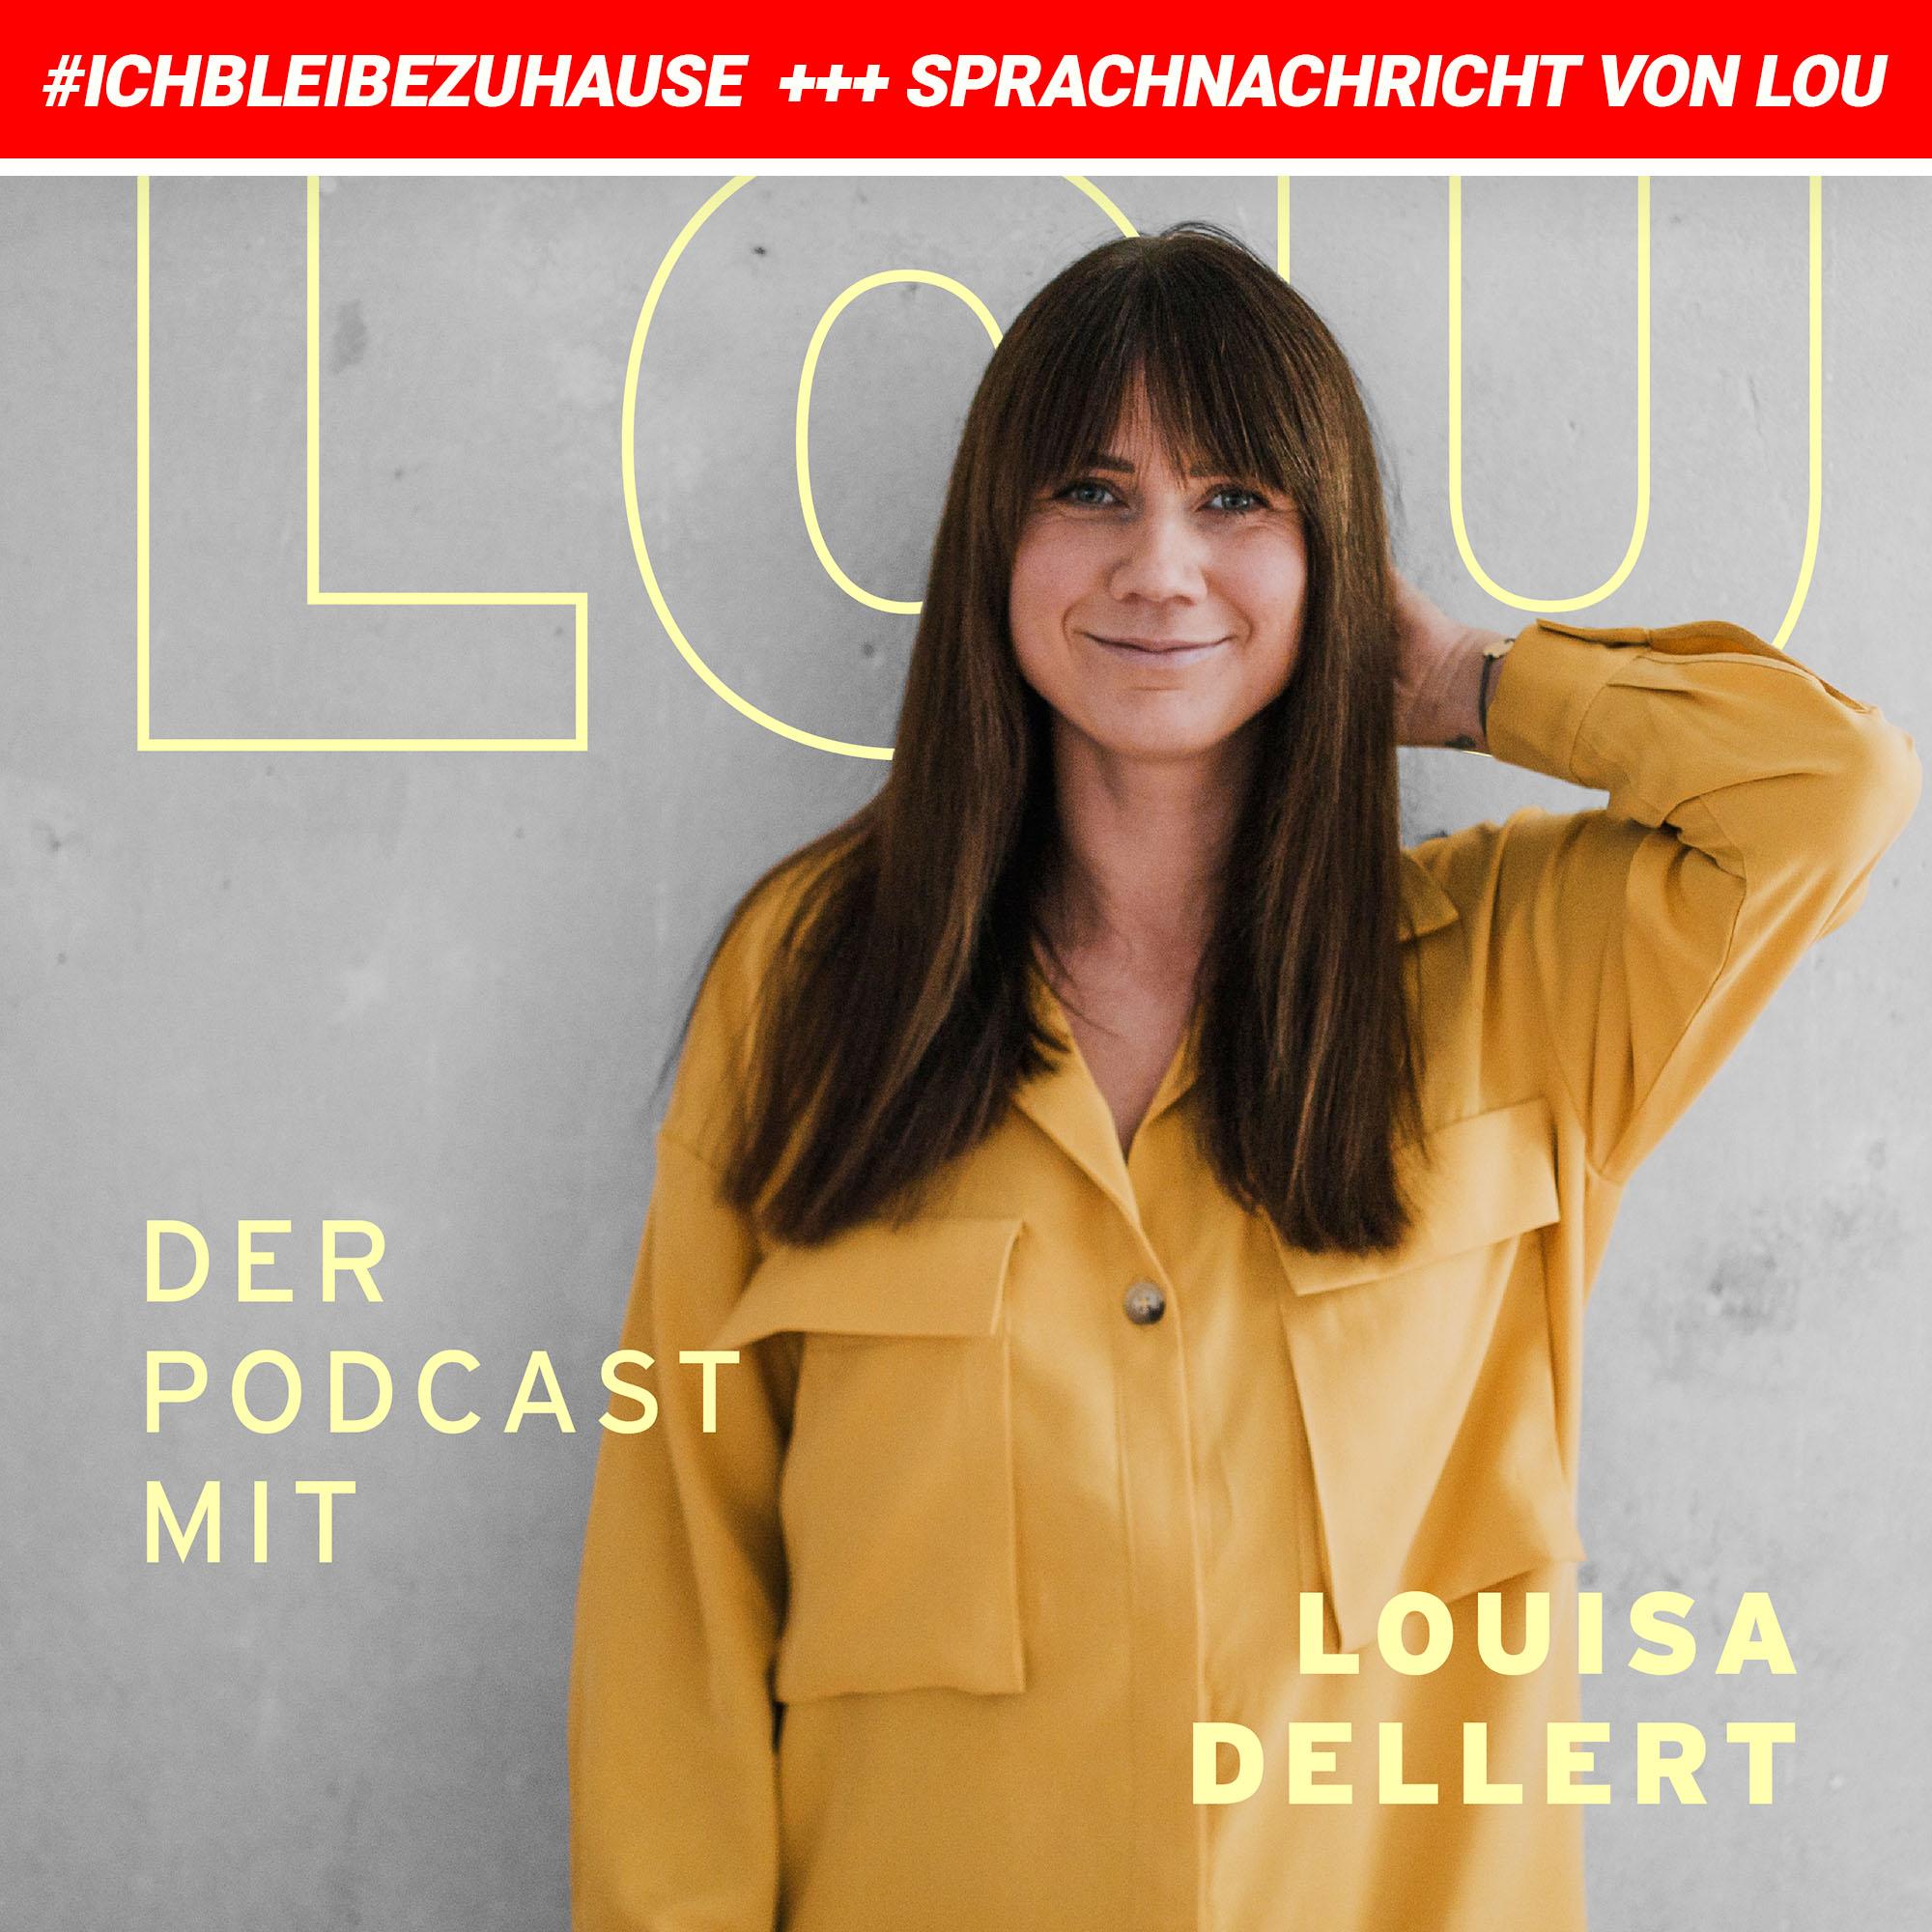 #ichbleibezuhause - Sprachnachricht von Lou Vol. 11